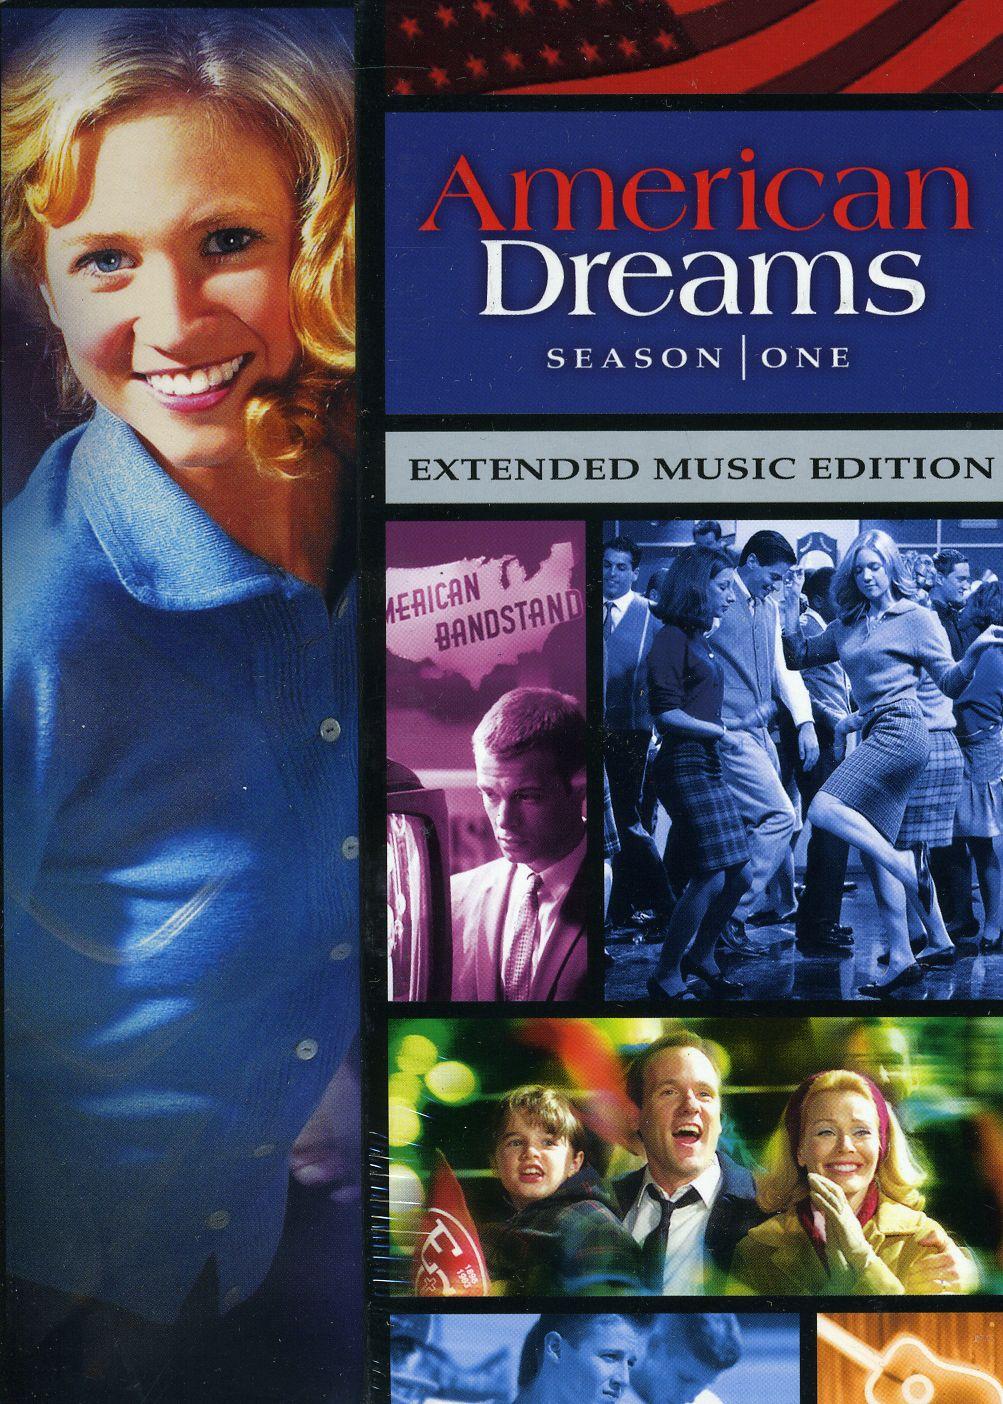 American Dreams 1x25